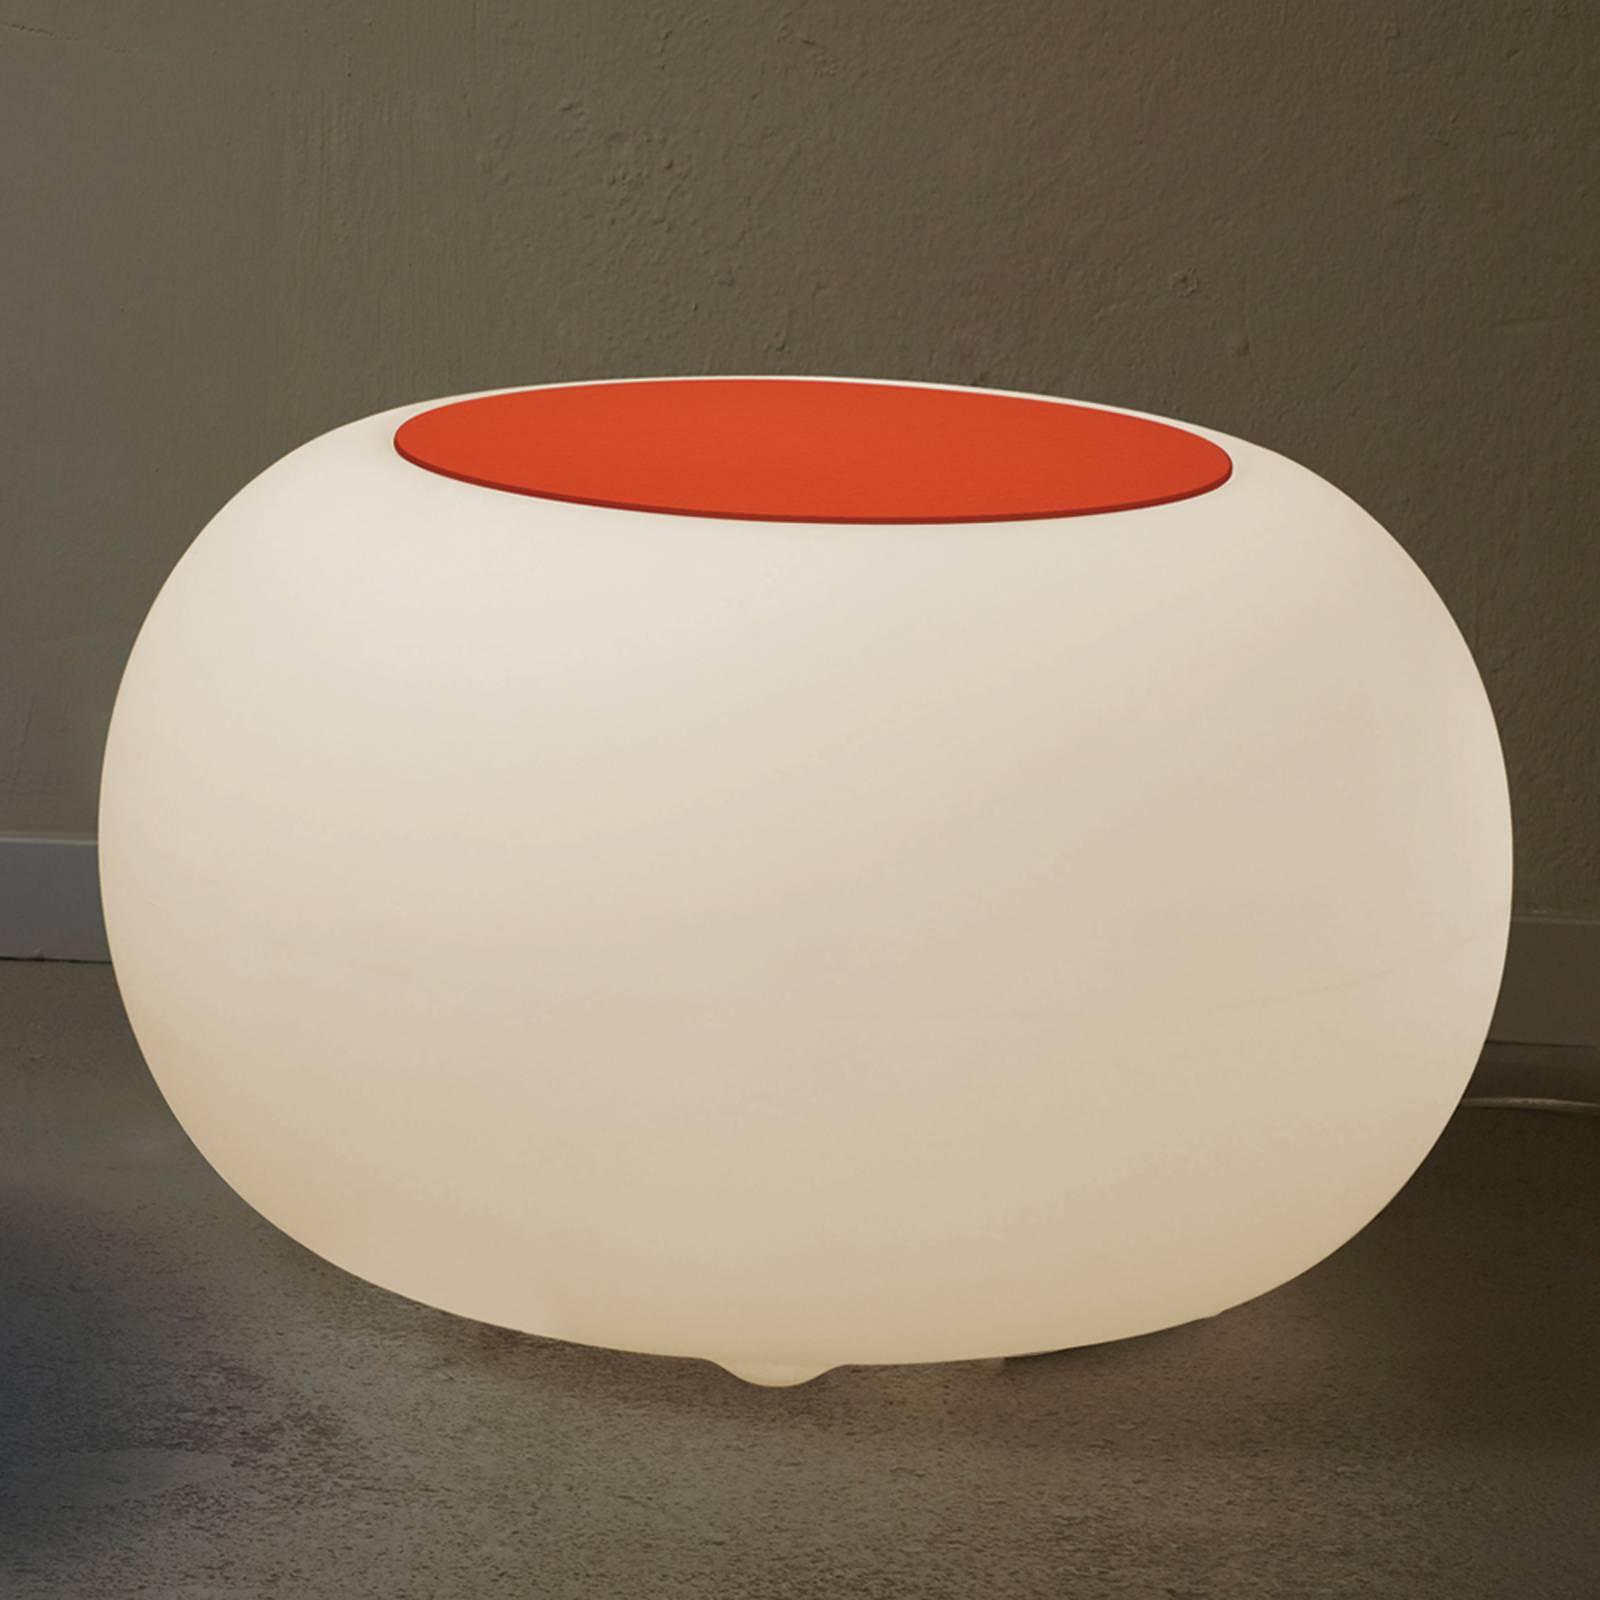 Table d'appoint BUBBLE LED RVB avec feutre orange